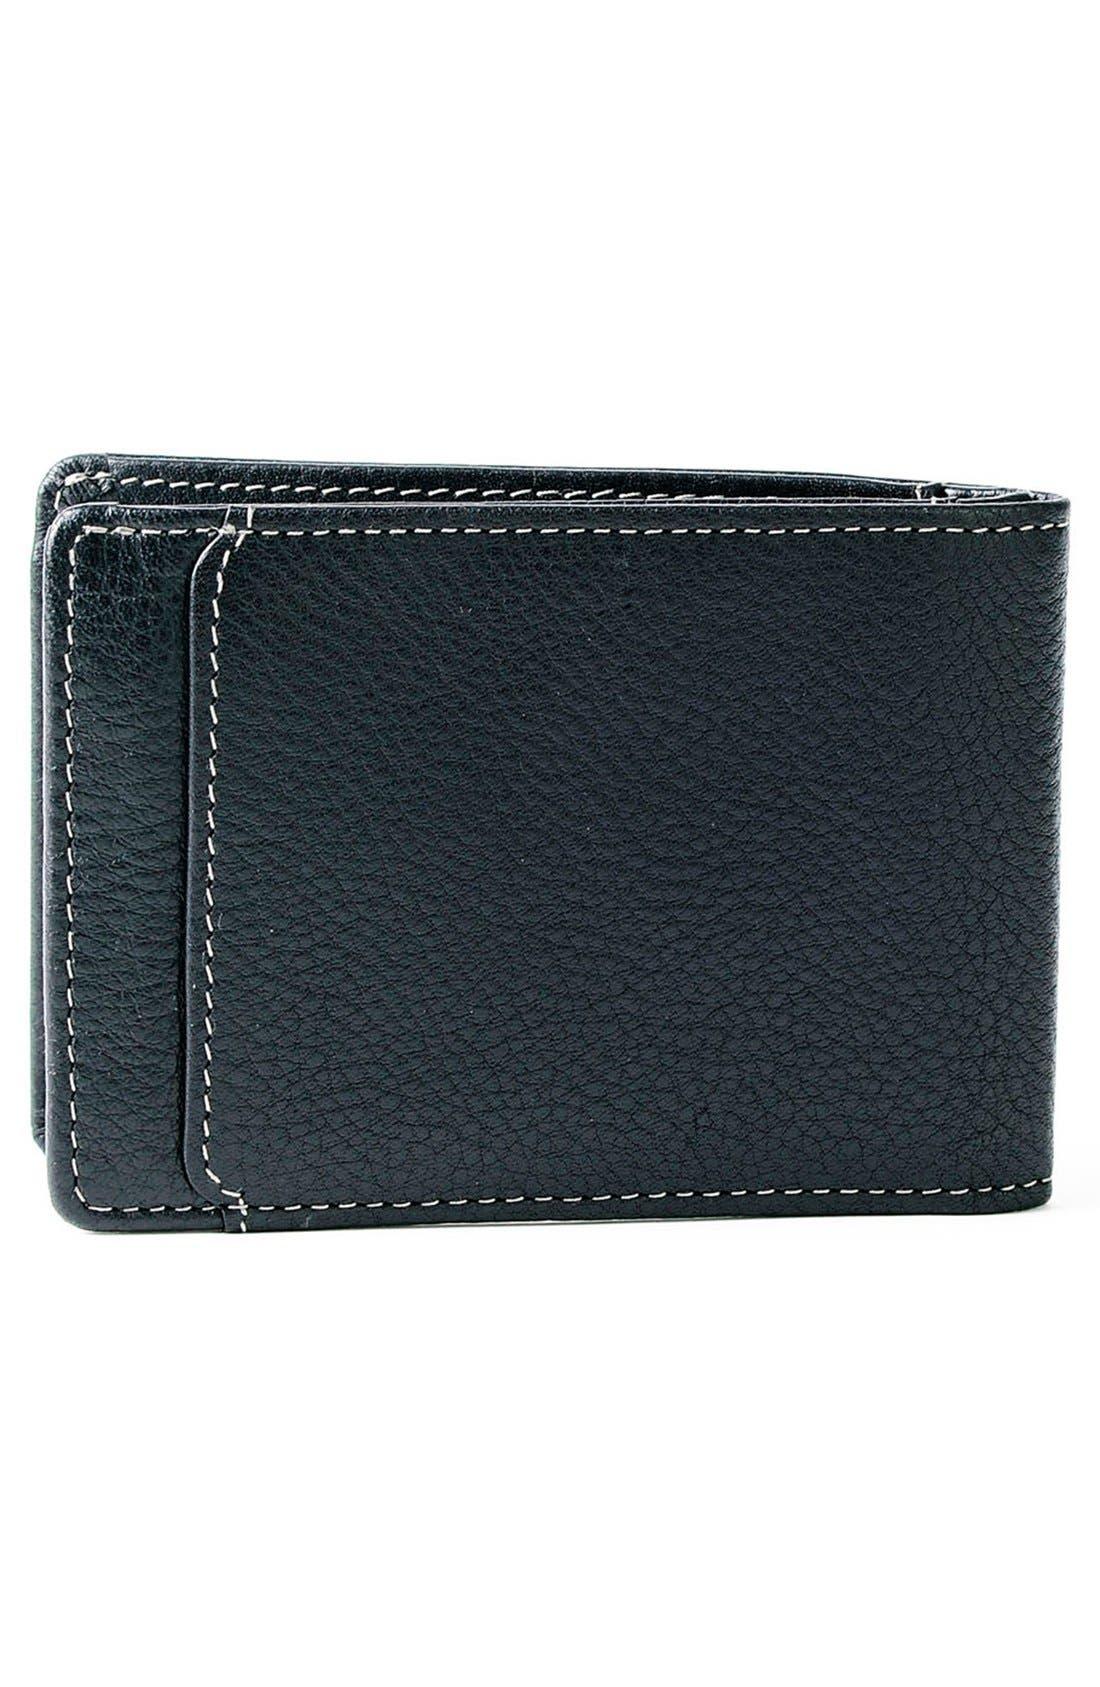 'Tyler' RFID Slimster Wallet,                             Alternate thumbnail 3, color,                             BLACK